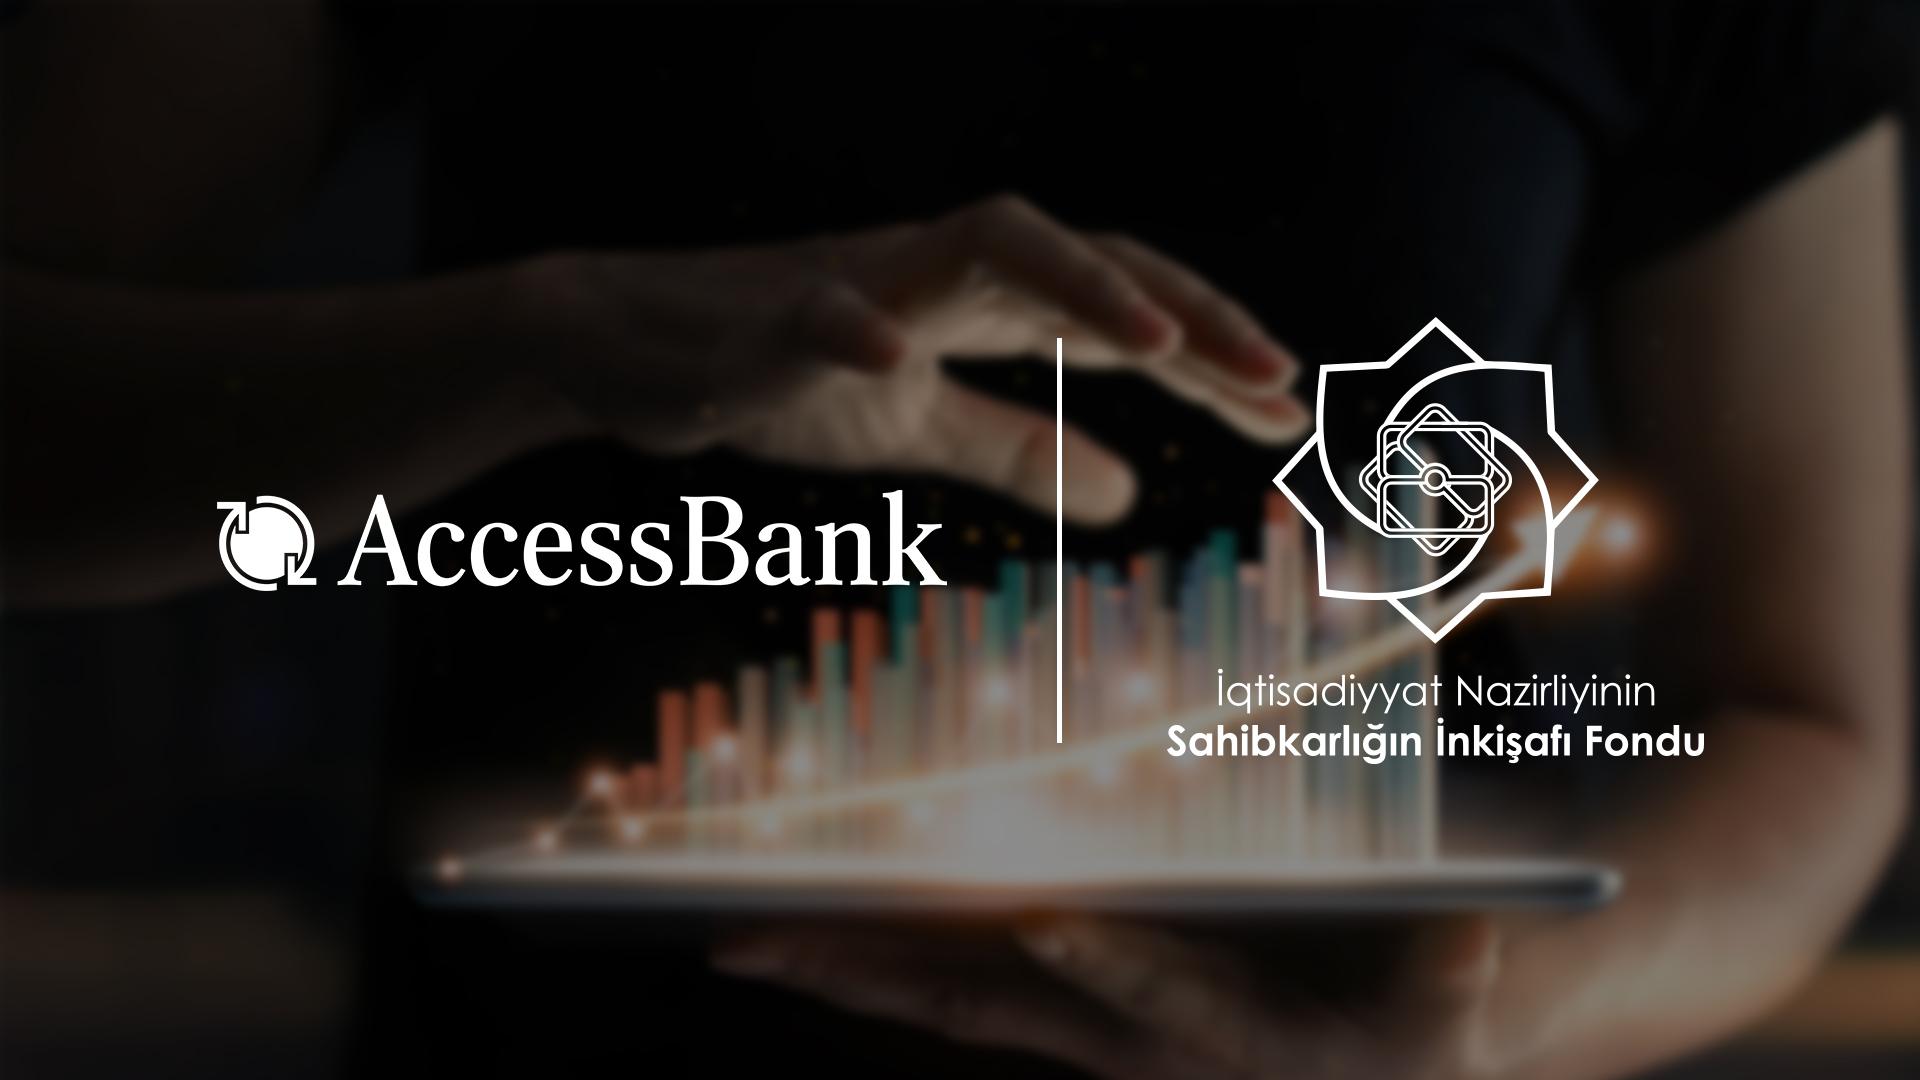 AccessBank продолжает поддерживать предпринимателей